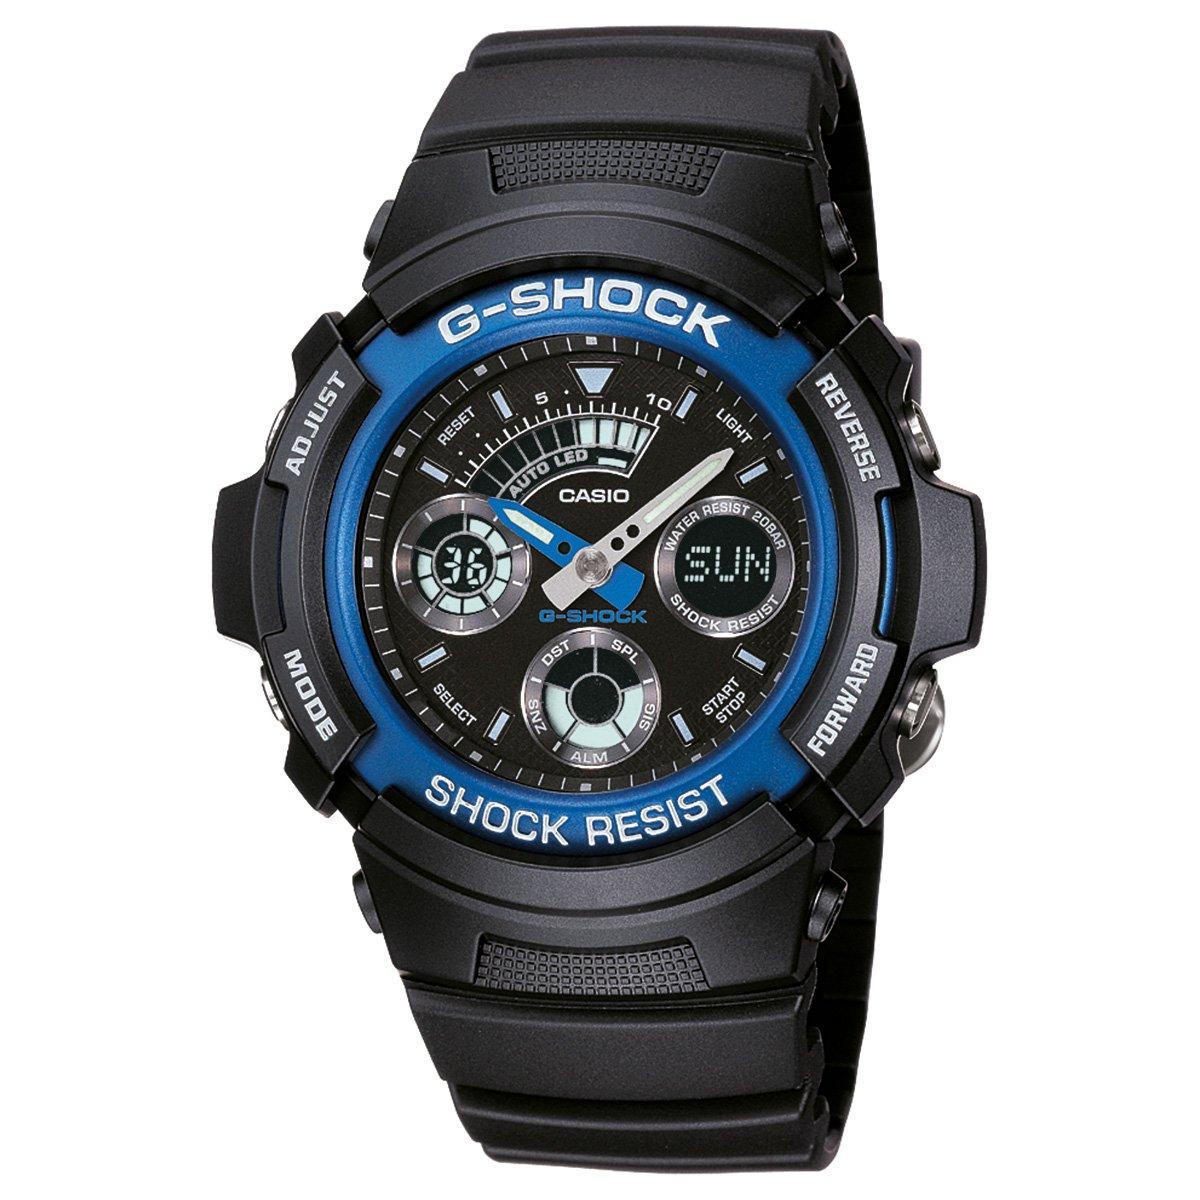 706bf16c41a Relógio Analógico Digital G-Shock AW-591-2ADR Masculino - Preto - Compre  Agora